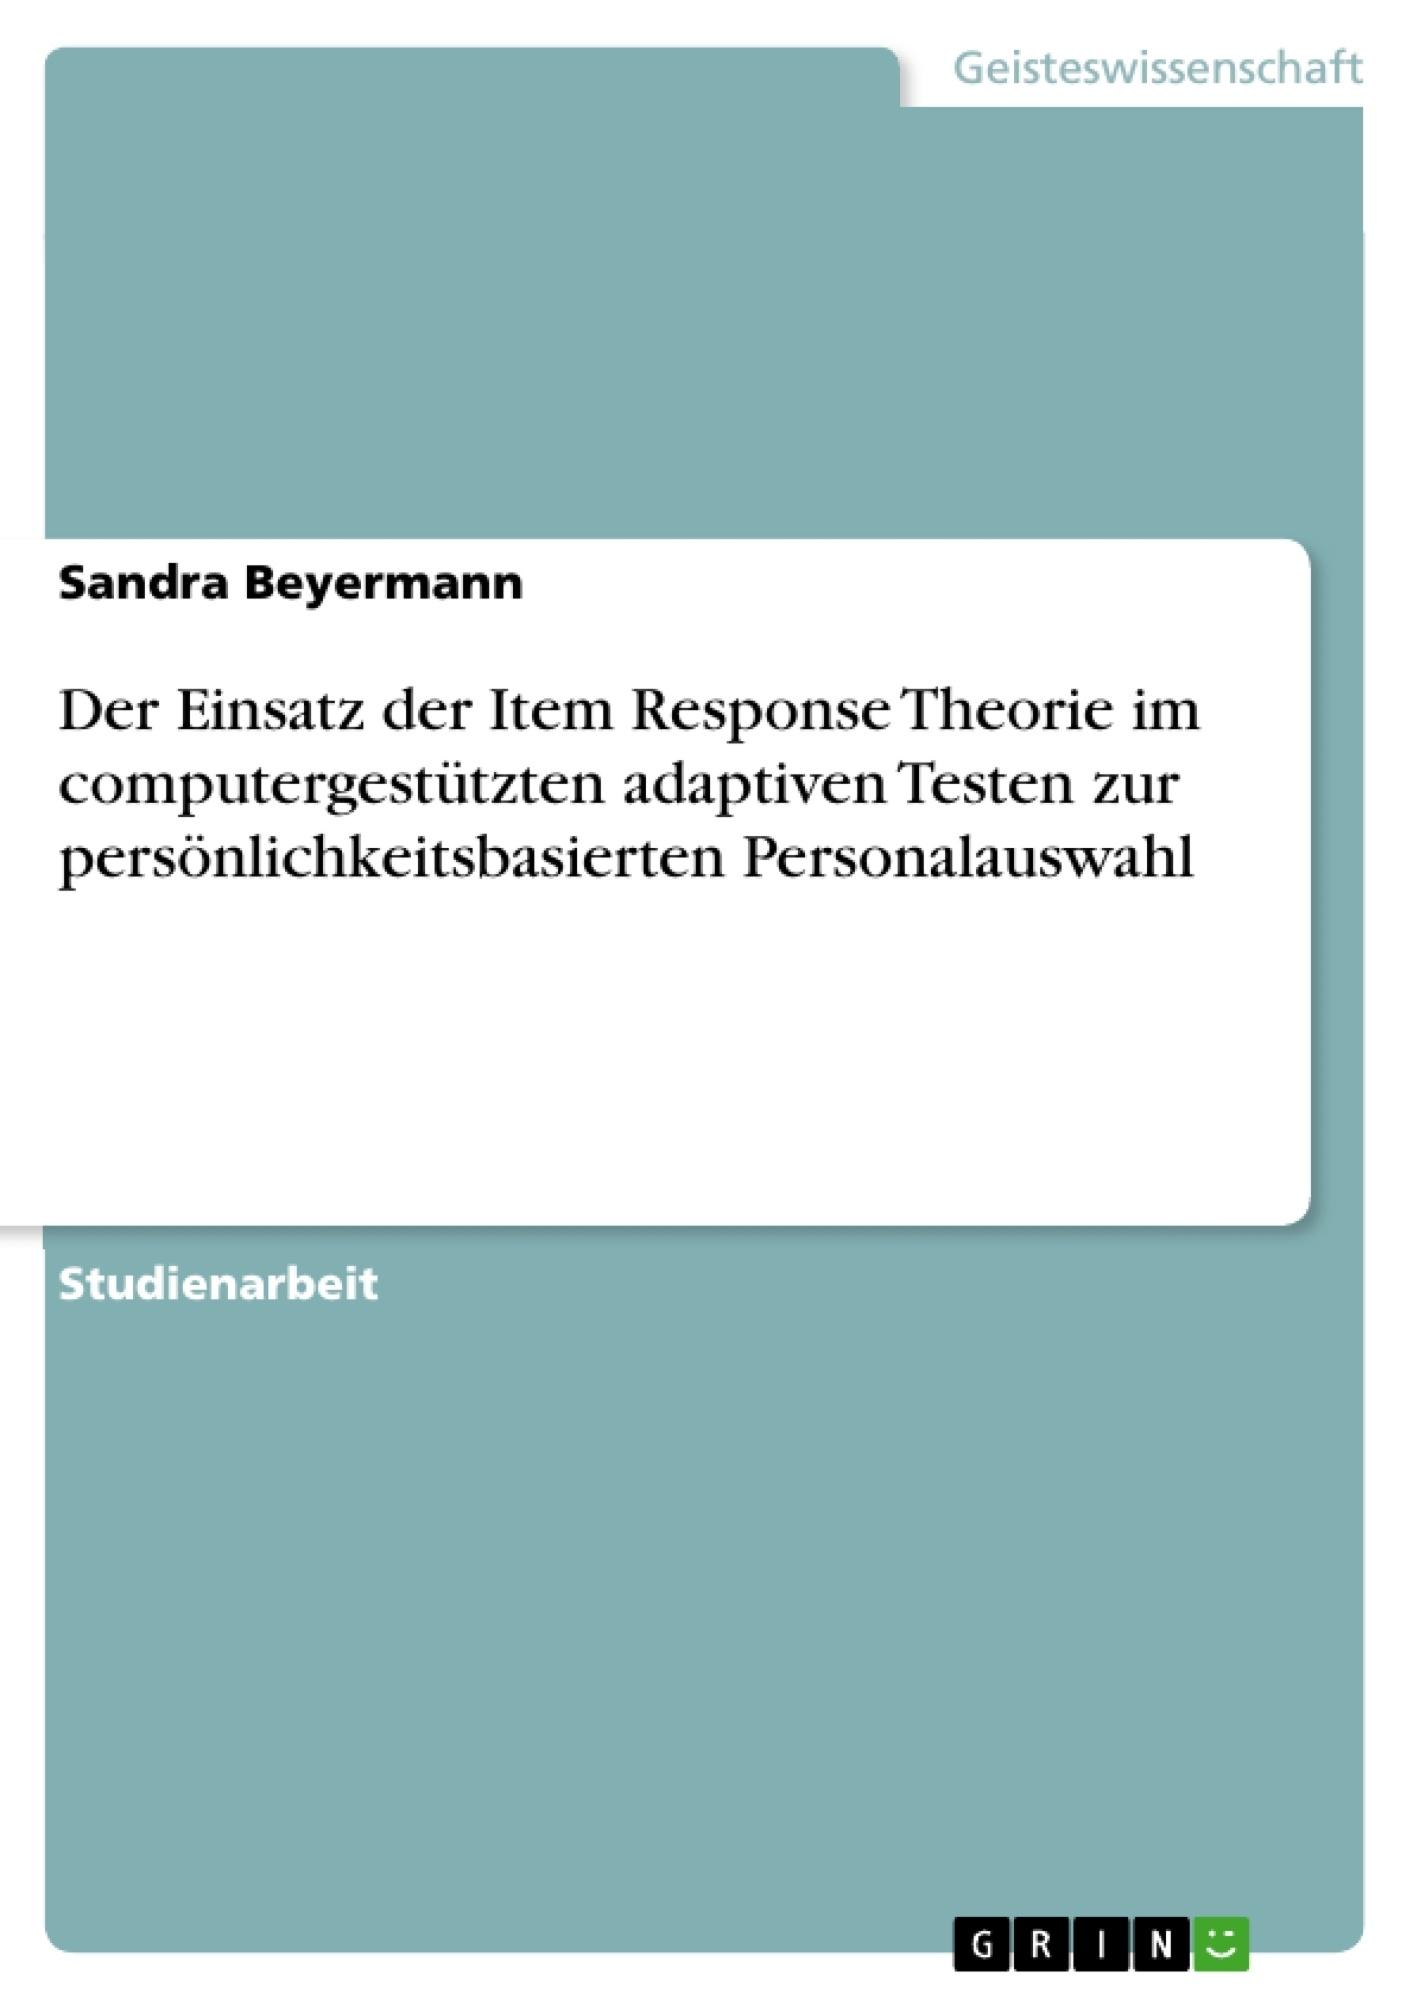 Titel: Der Einsatz der Item Response Theorie im computergestützten adaptiven Testen zur persönlichkeitsbasierten Personalauswahl